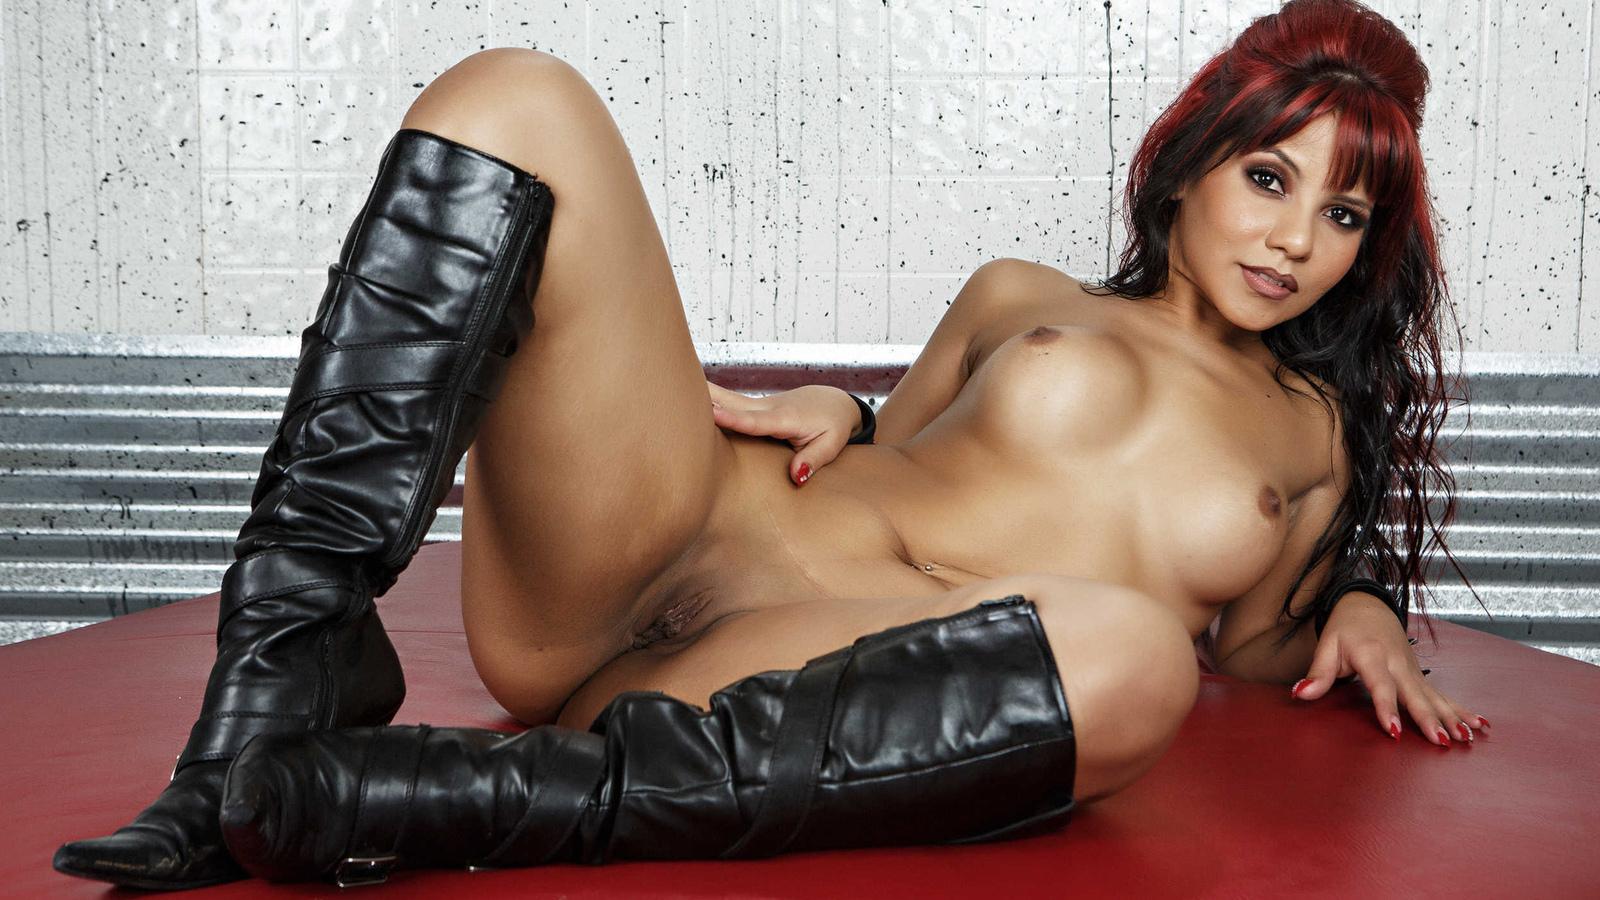 девушка, красивая, киска, грудь, ножки, голая, сиськи, лобок, поза, сапожки